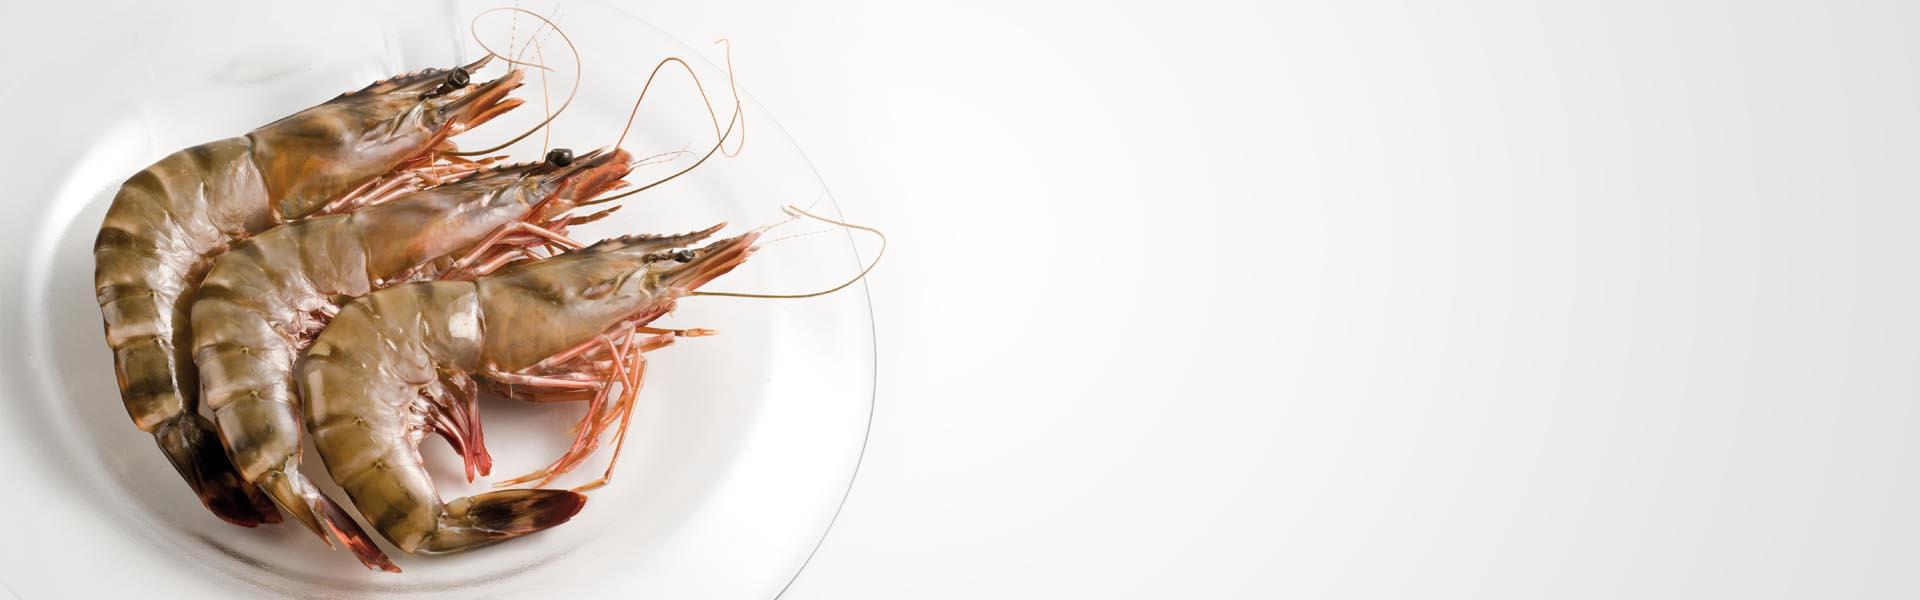 FRESHPACK_slider crevettes madagascar